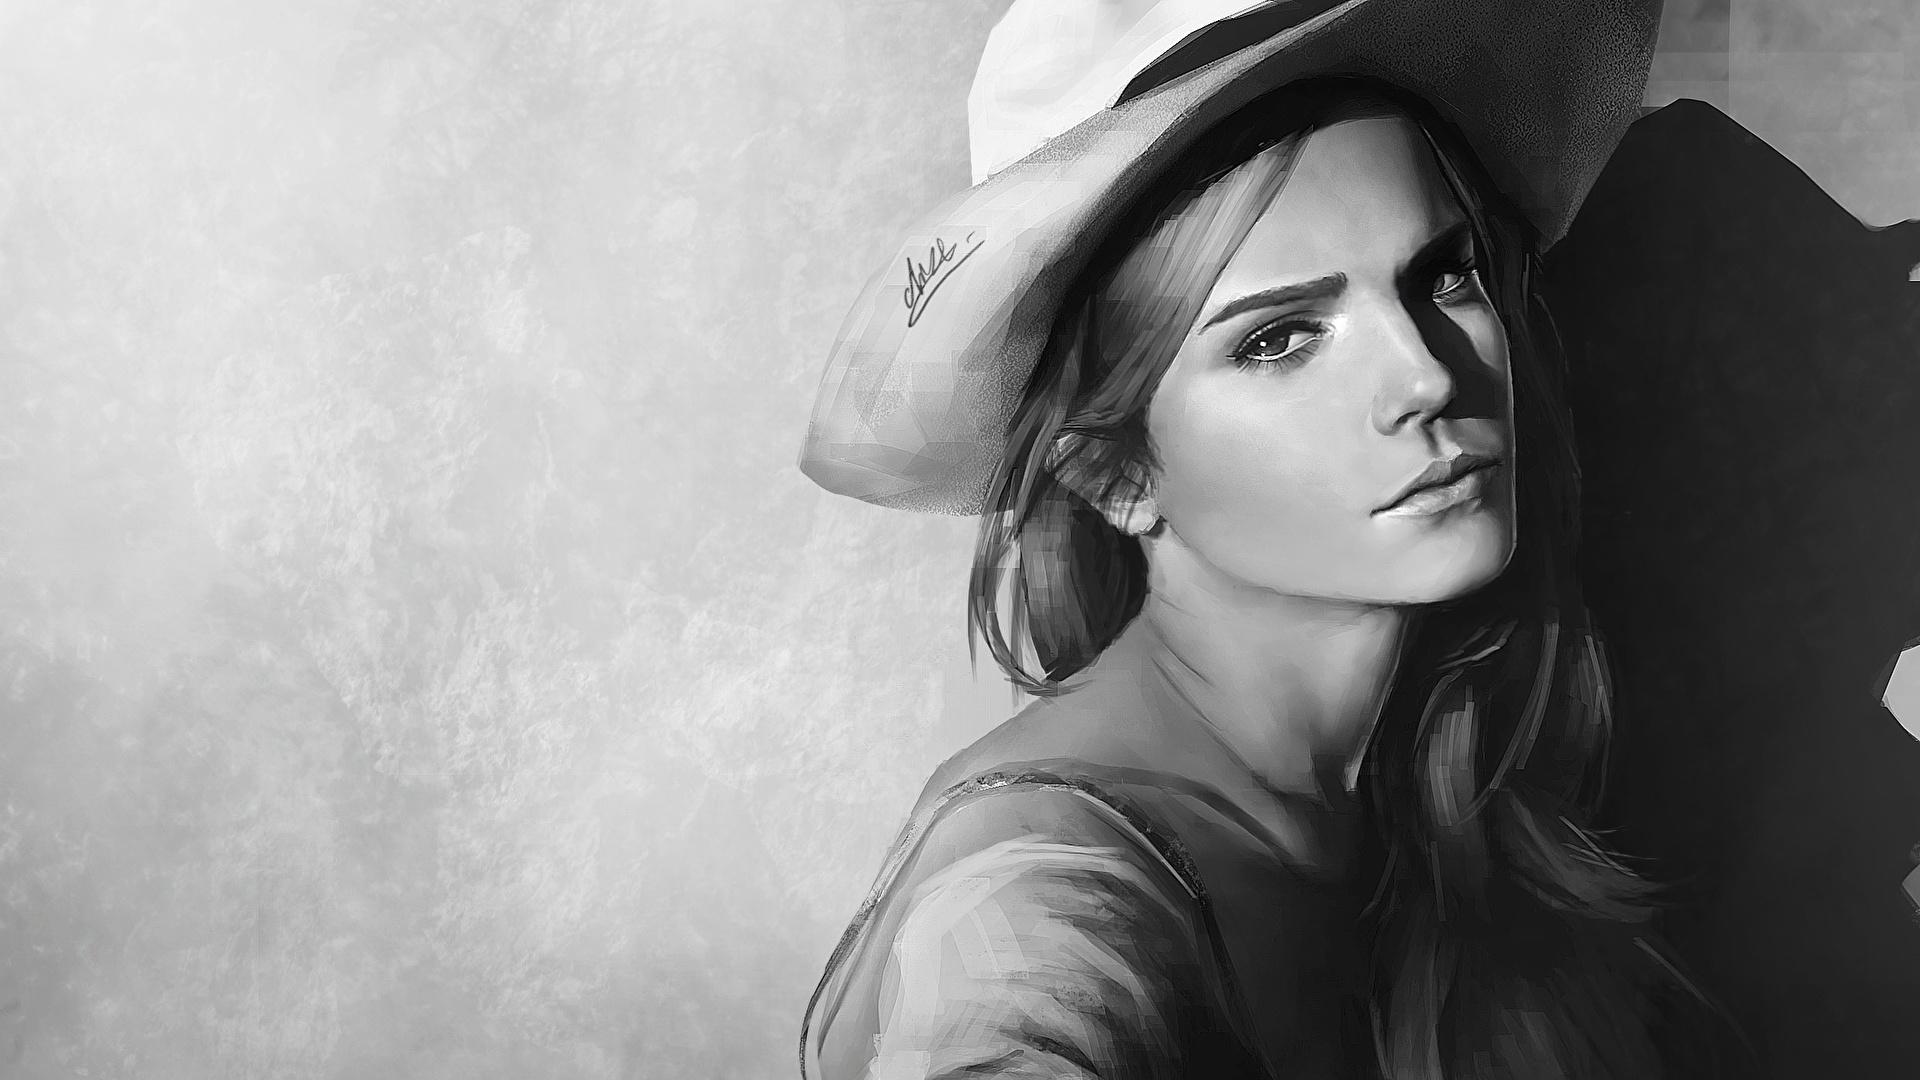 壁紙 1920x1080 エマ ワトソン 描かれた壁紙 白黒 帽子 凝視